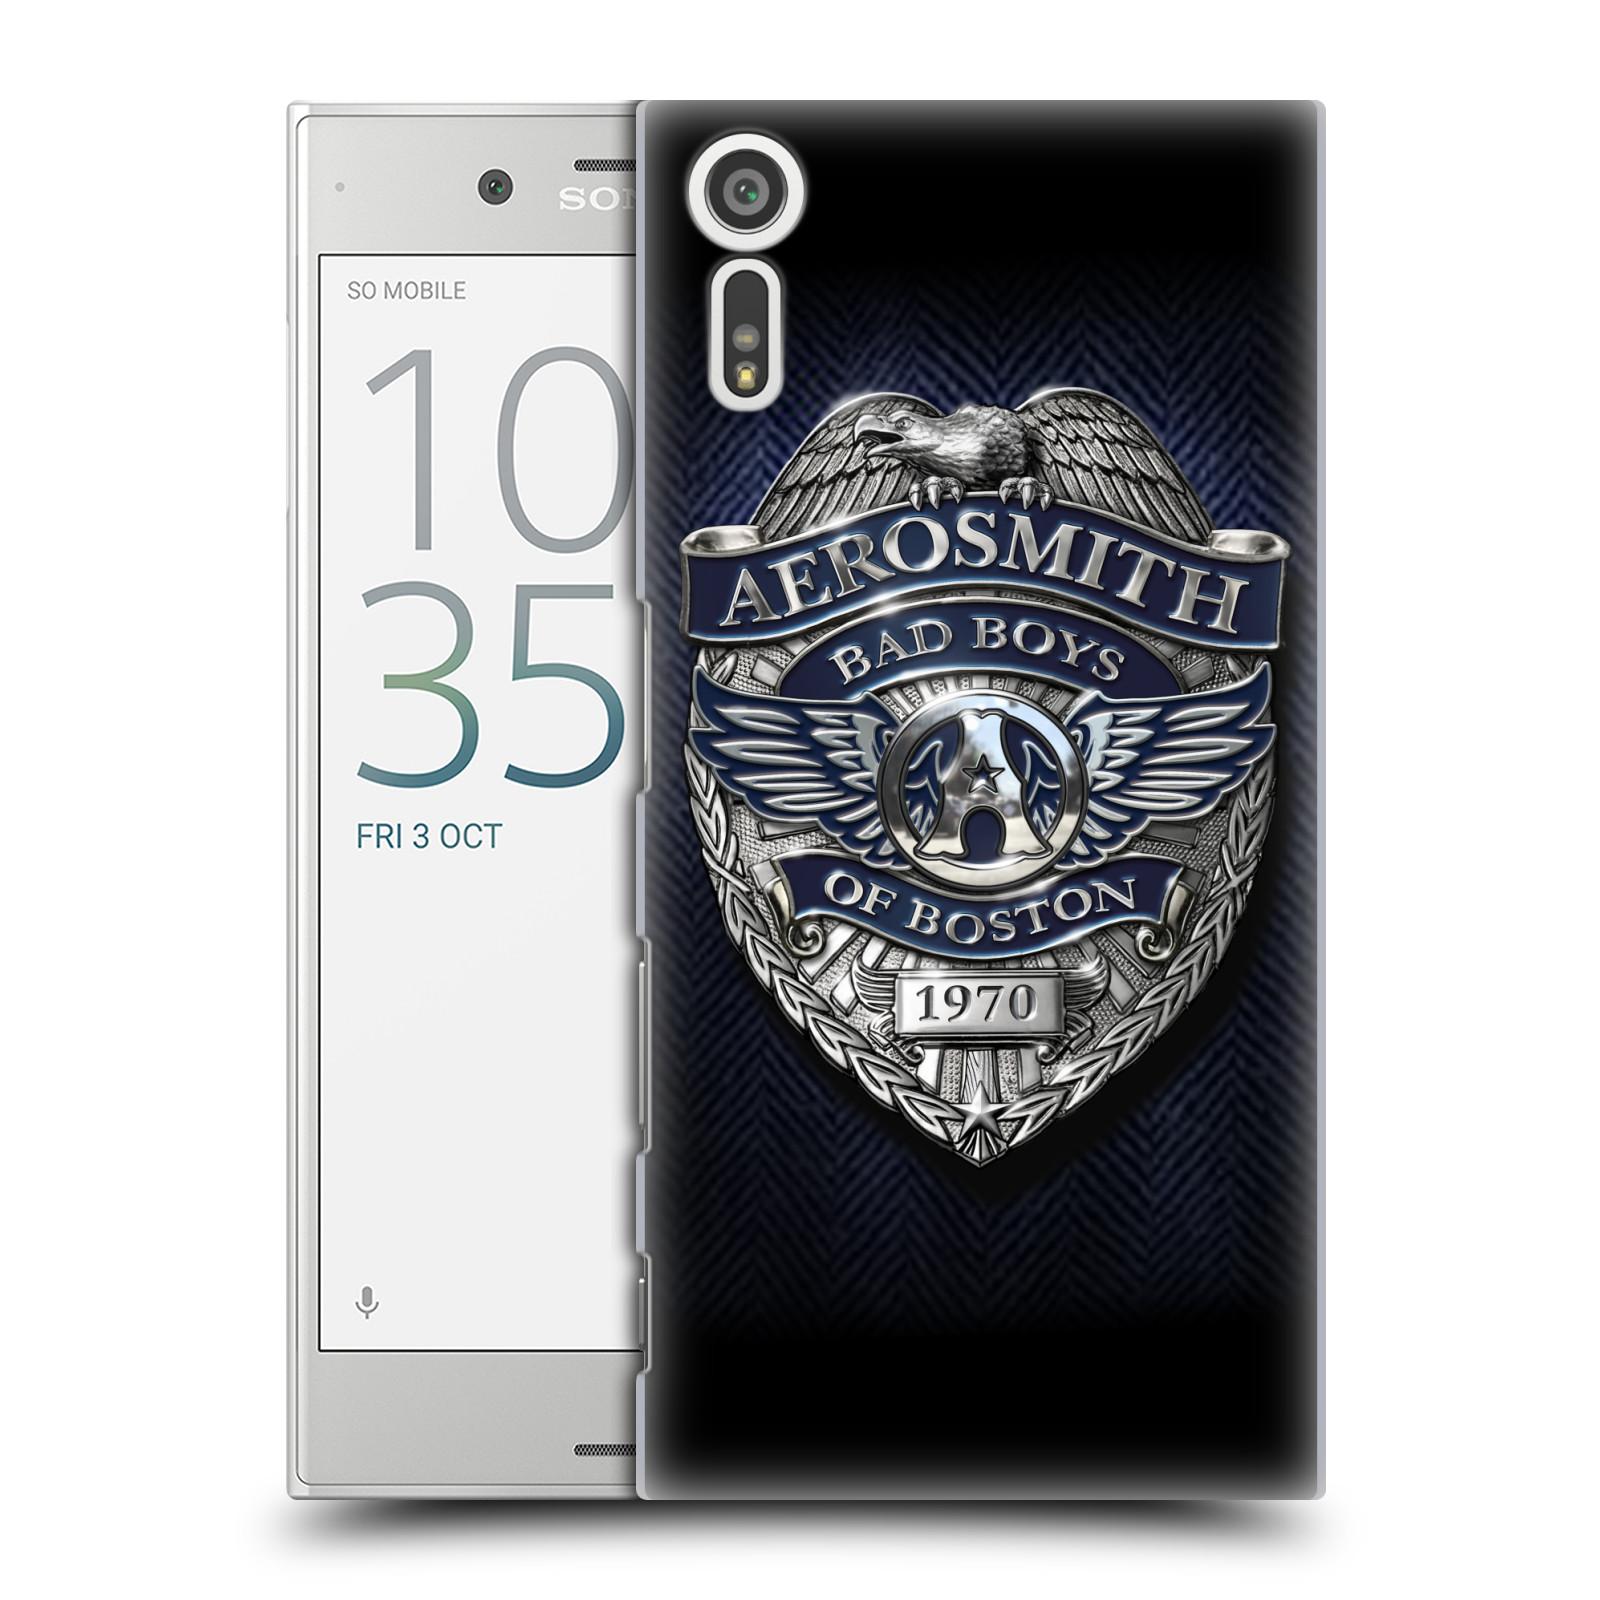 Plastové pouzdro na mobil Sony Xperia XZ - Head Case - Aerosmith - Bad Boys of Boston